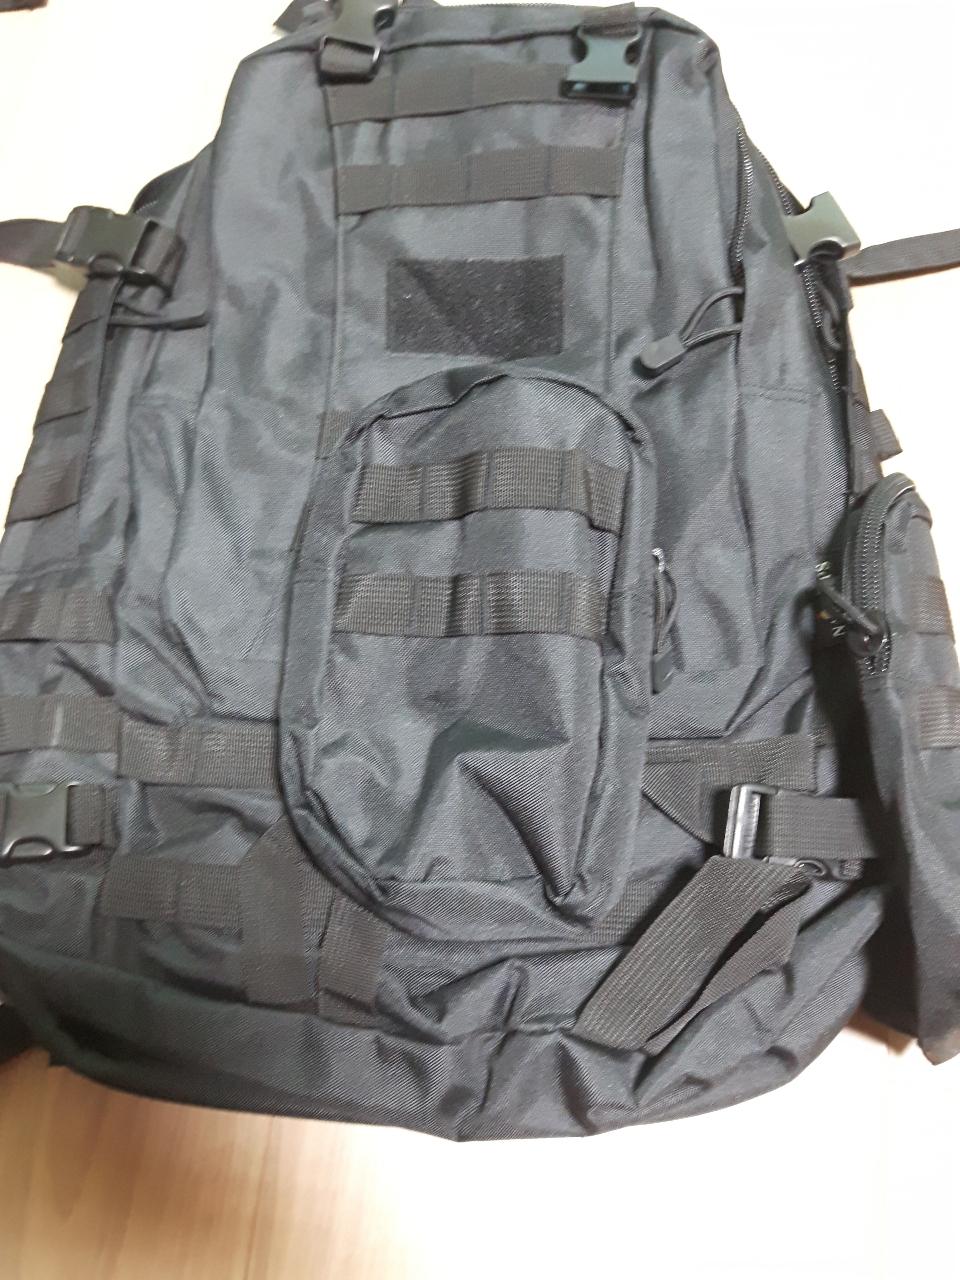 60l 큰백팩. 가방 여행가방 배낭여행